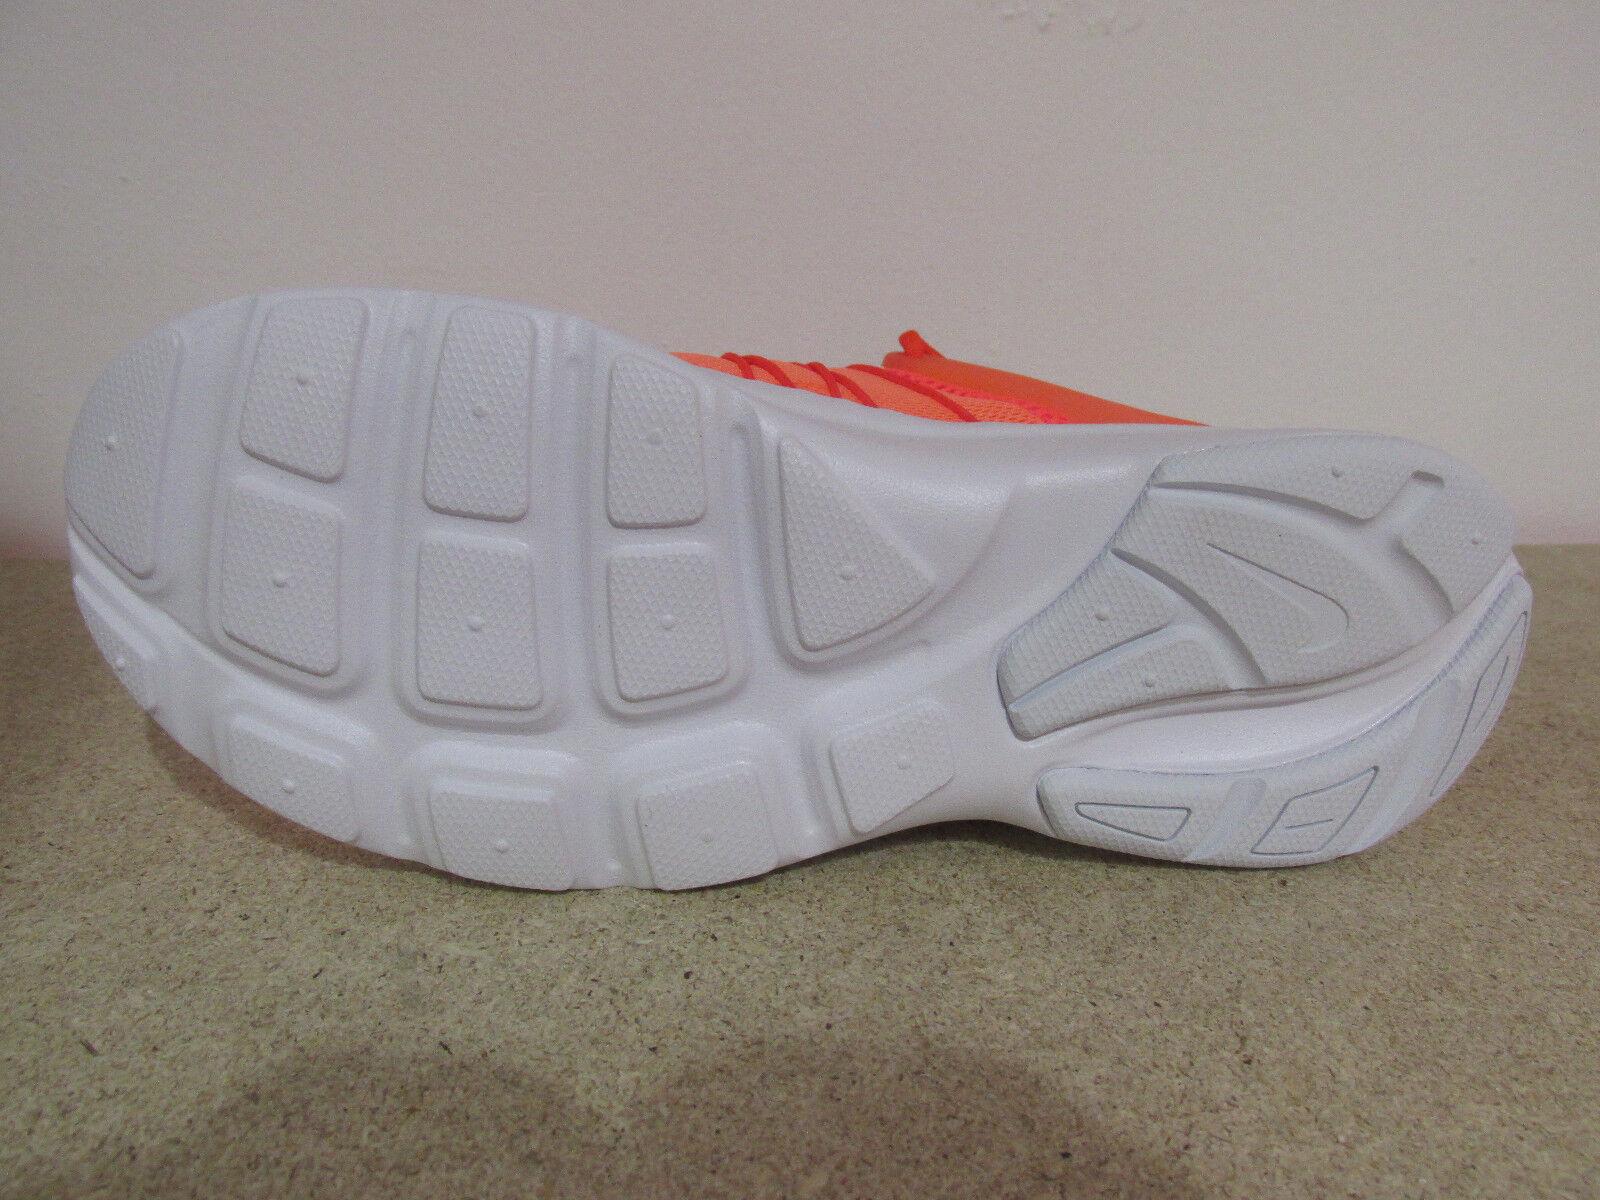 Nike Damen Darwin Laufschuhe 881 819959 881 Laufschuhe Turnschuhe c1ced6